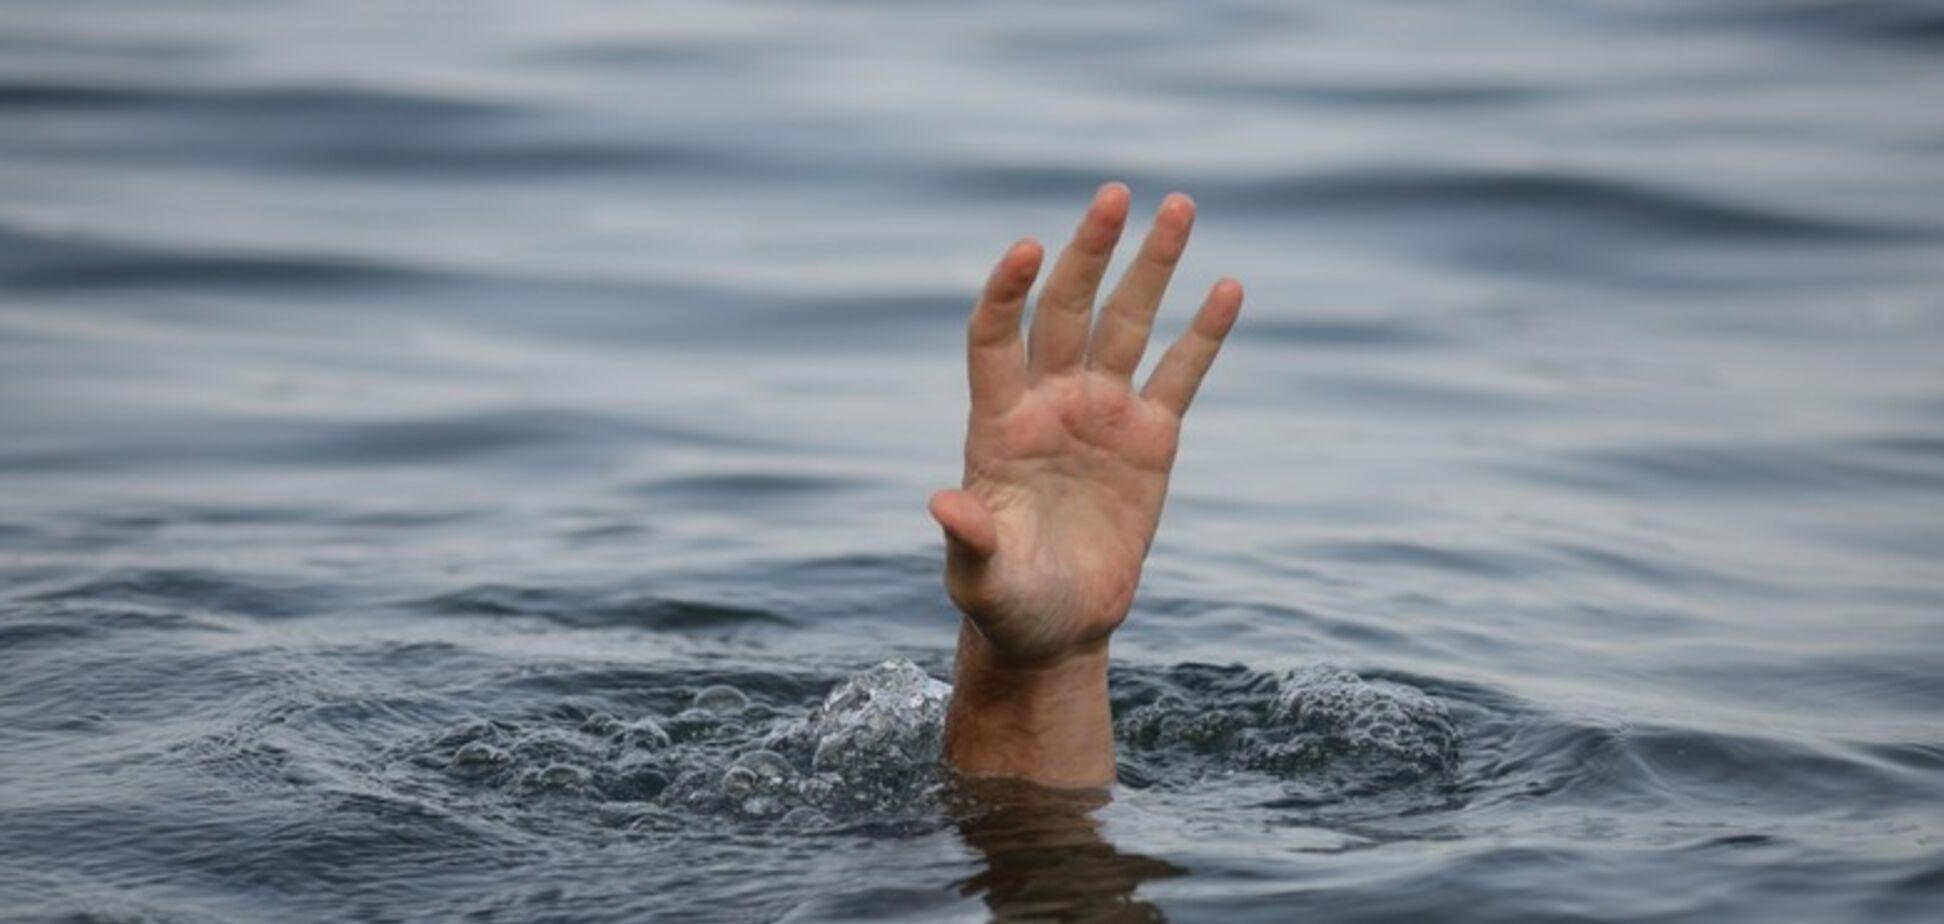 Страшная статистика: сколько украинцев утонули с начала года